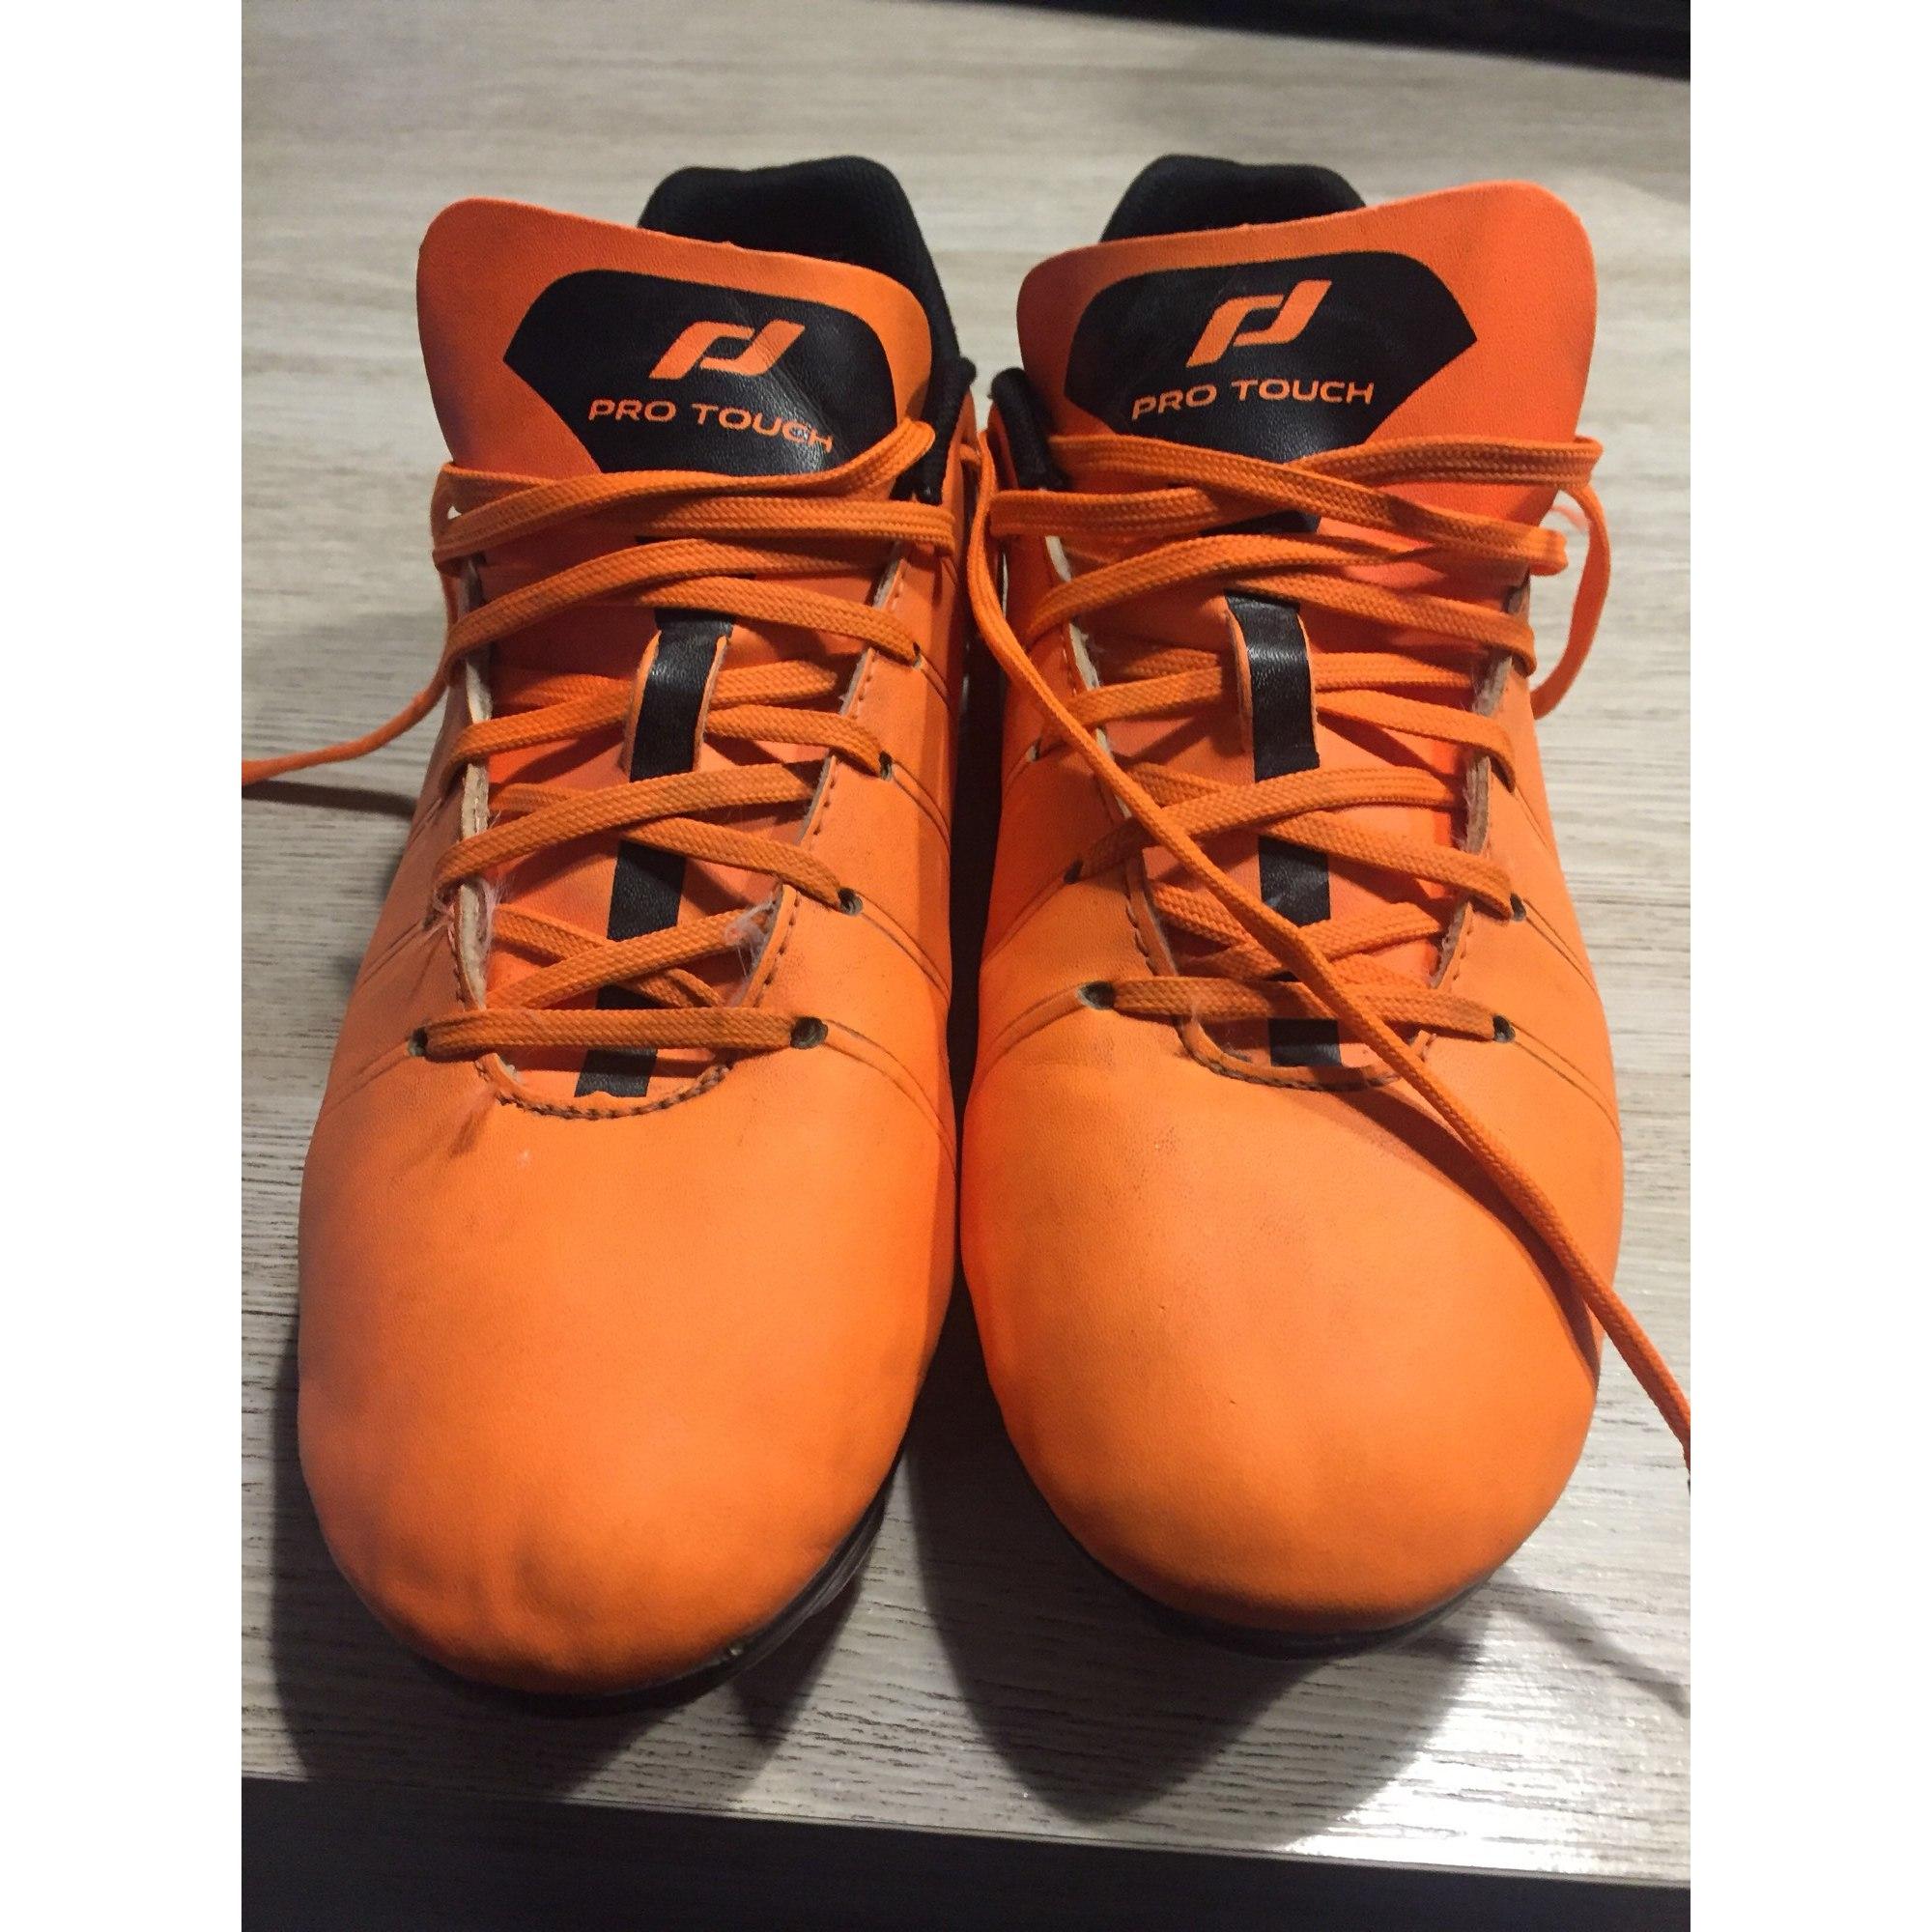 Chaussures de sport PRO TOUCH Orange